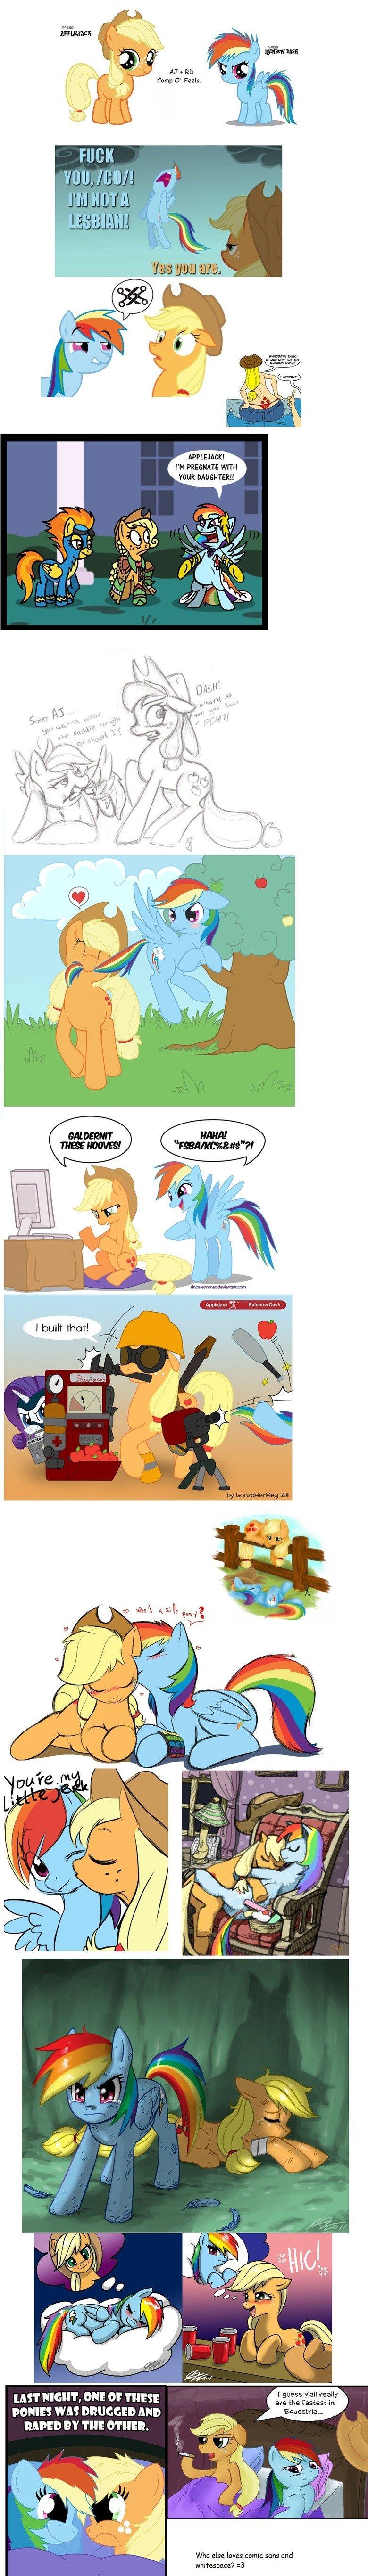 Applejack And Rainbowdash